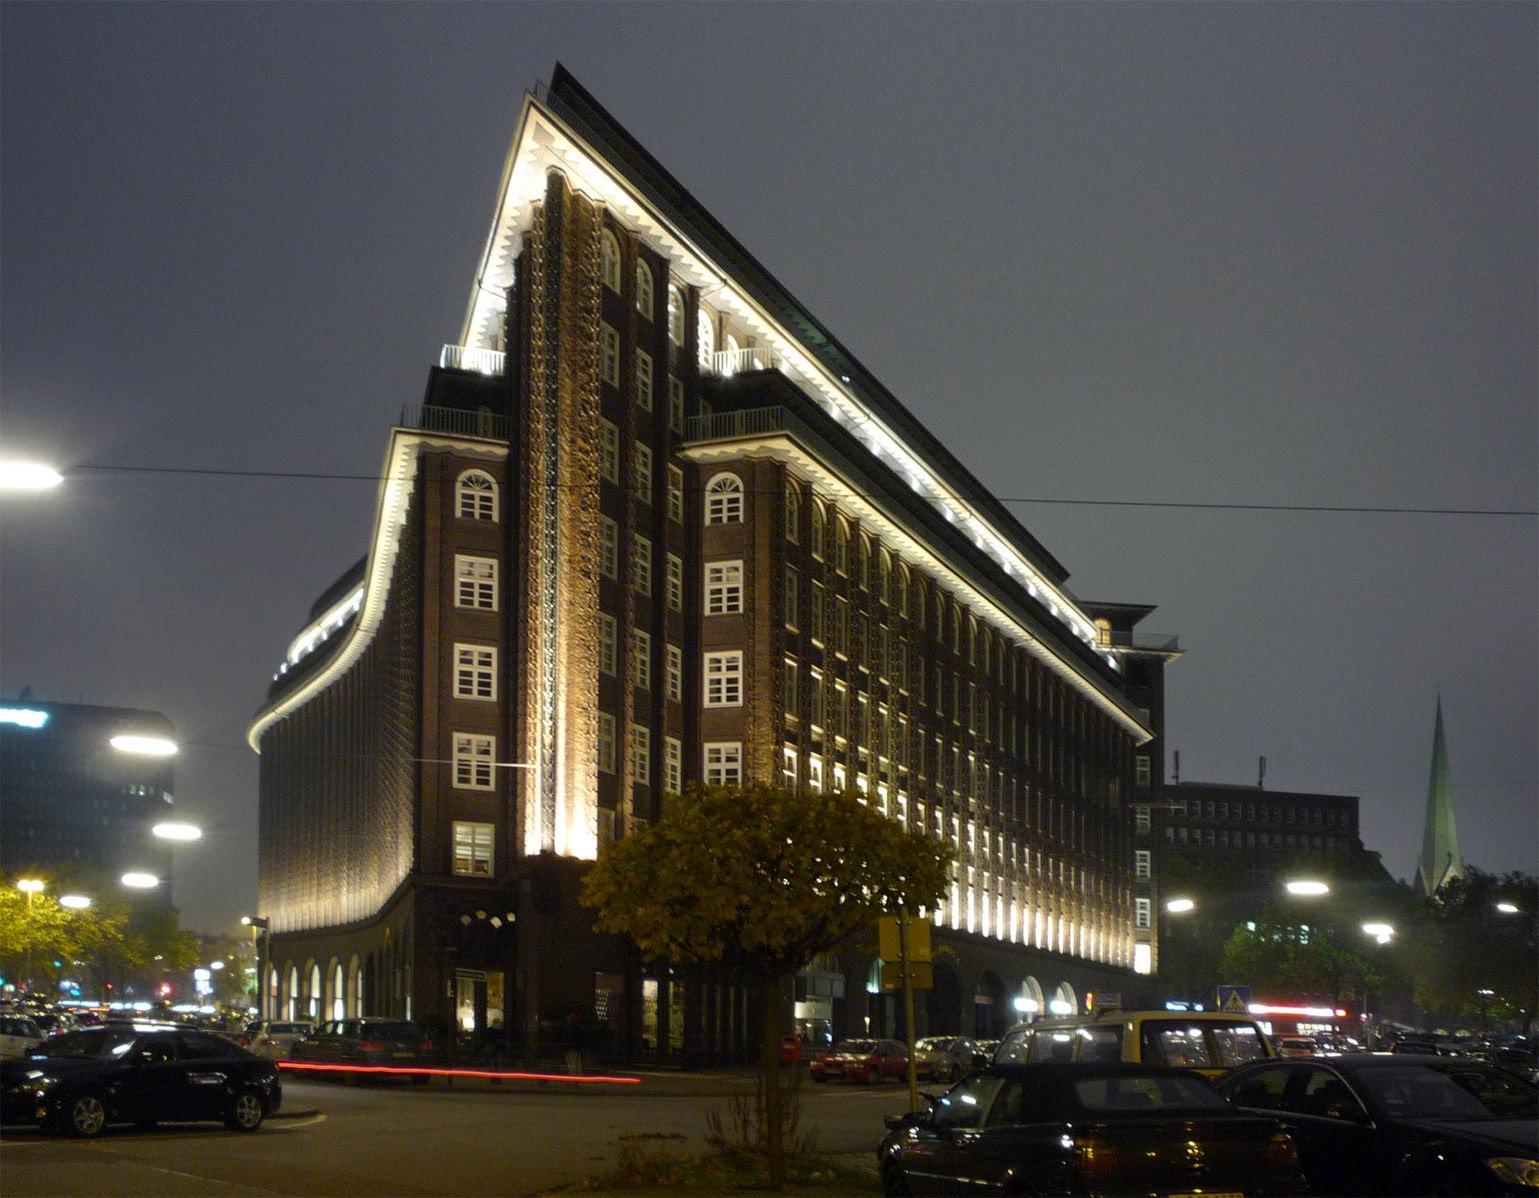 Impresionante edificio Chilehaus, de los años 20, moderno y vanguardista aún hoy.